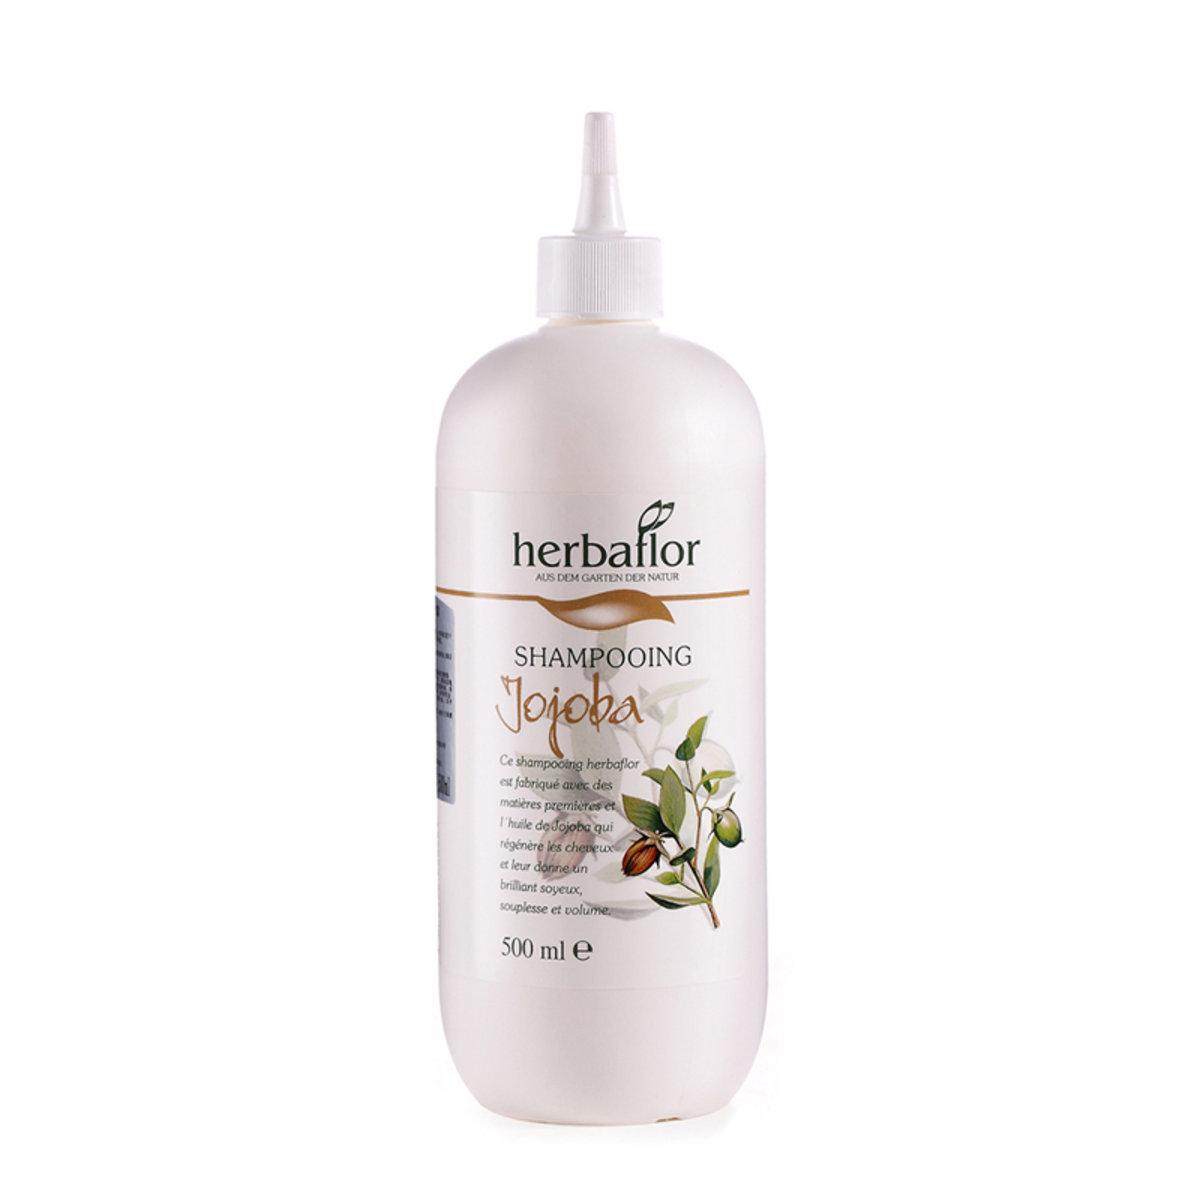 Herbaflor Jojoba Shampoo